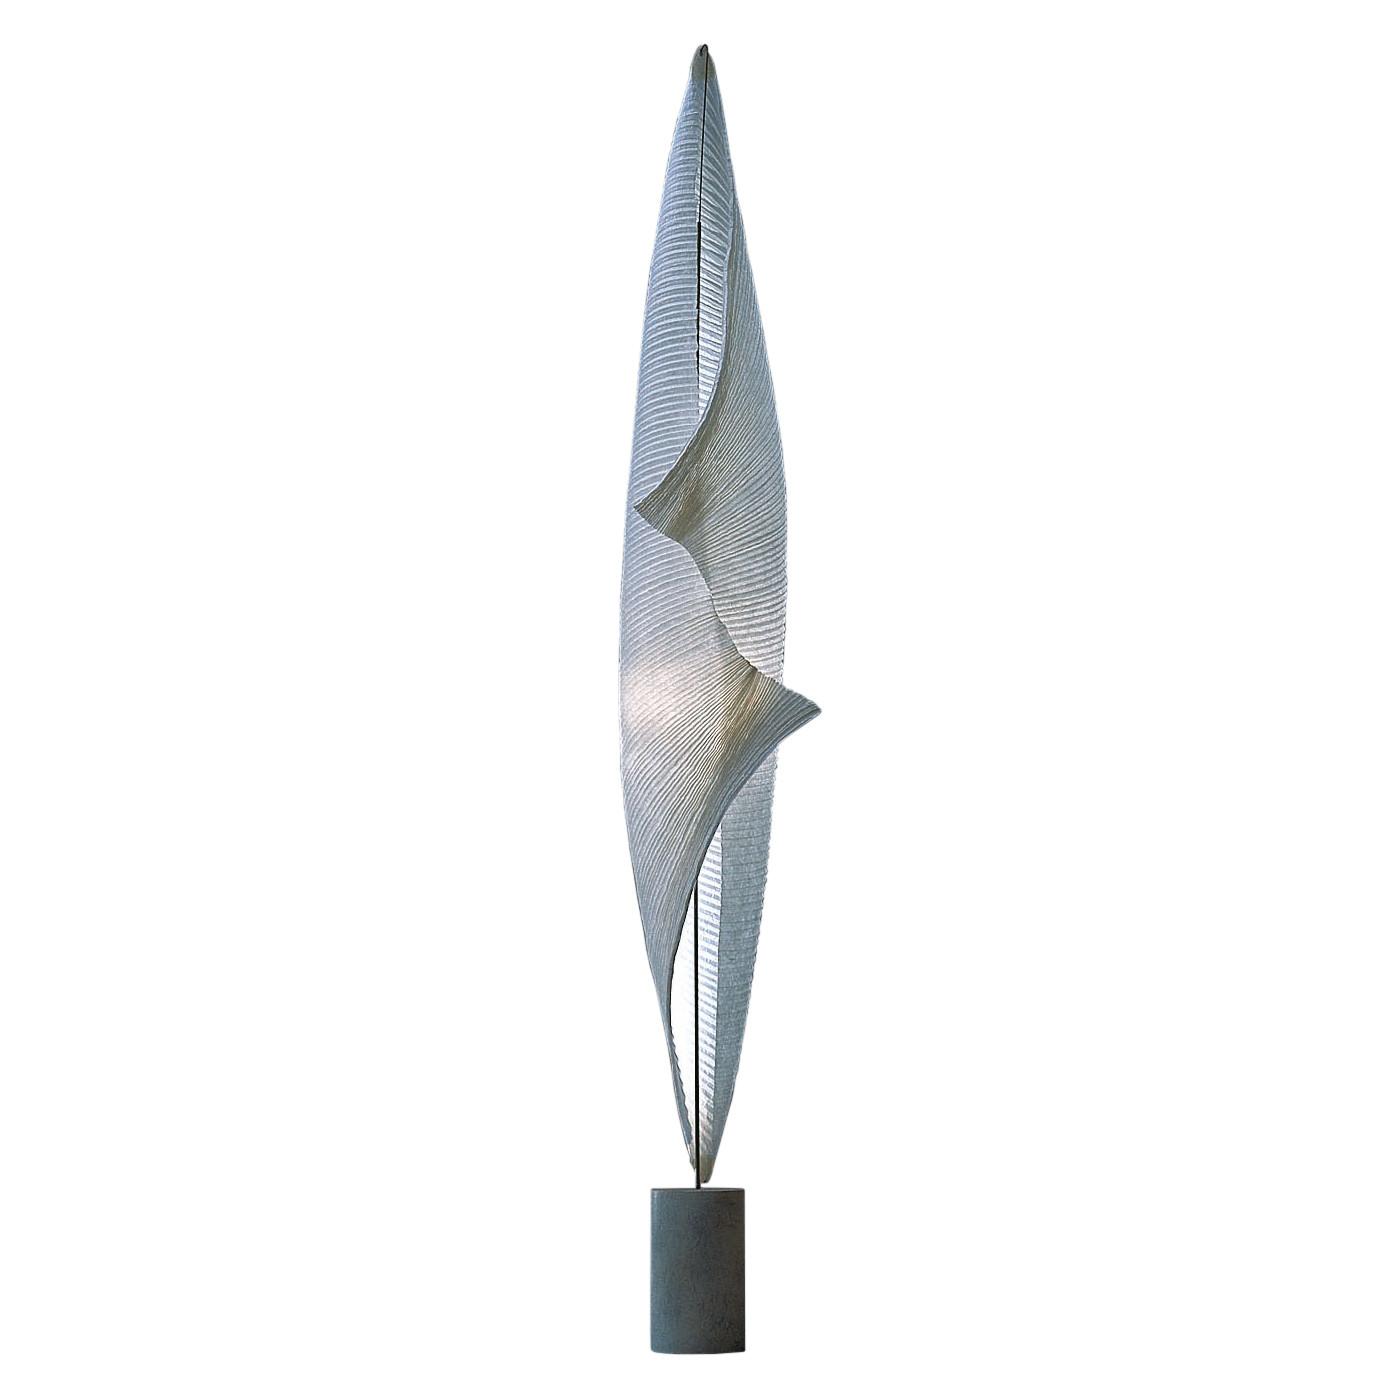 Ingo Maurer Wo-Tum-Bu 2 LED